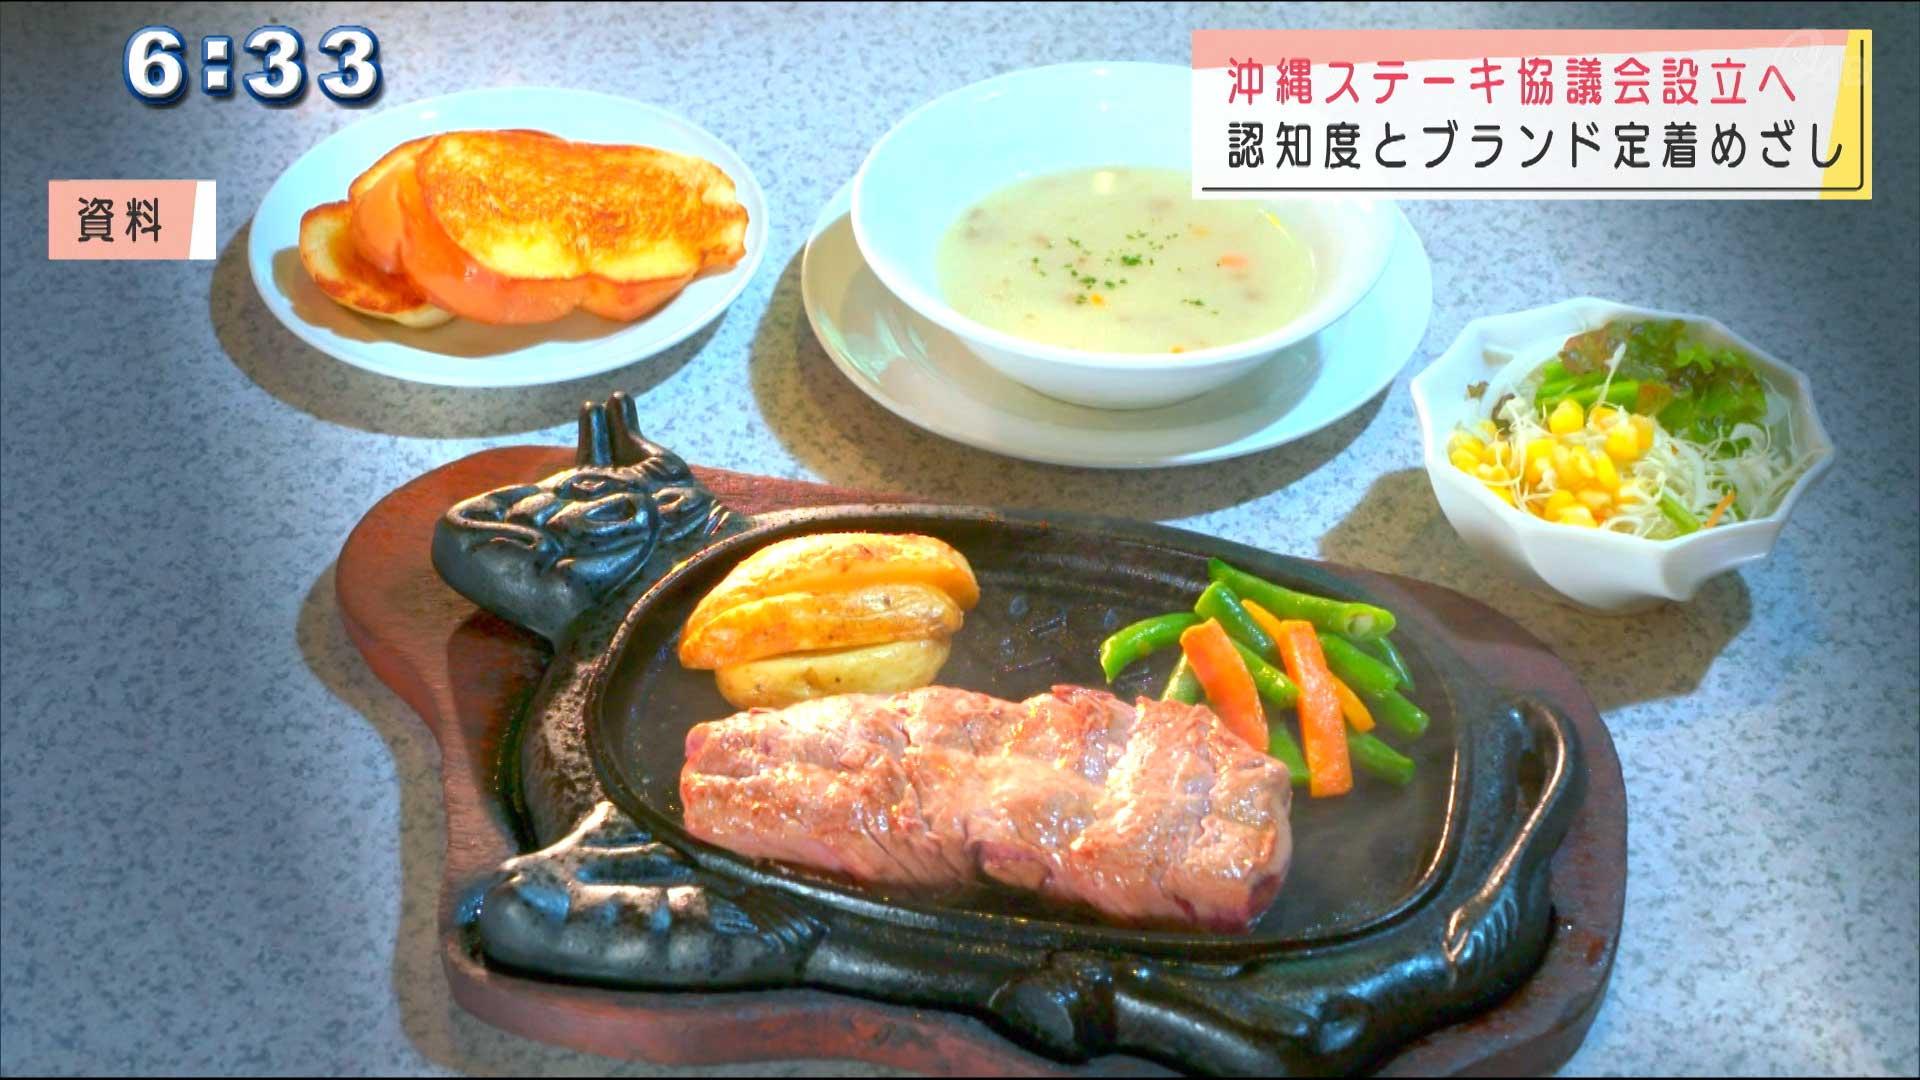 沖縄ステーキの魅力発信で協議会設立へ